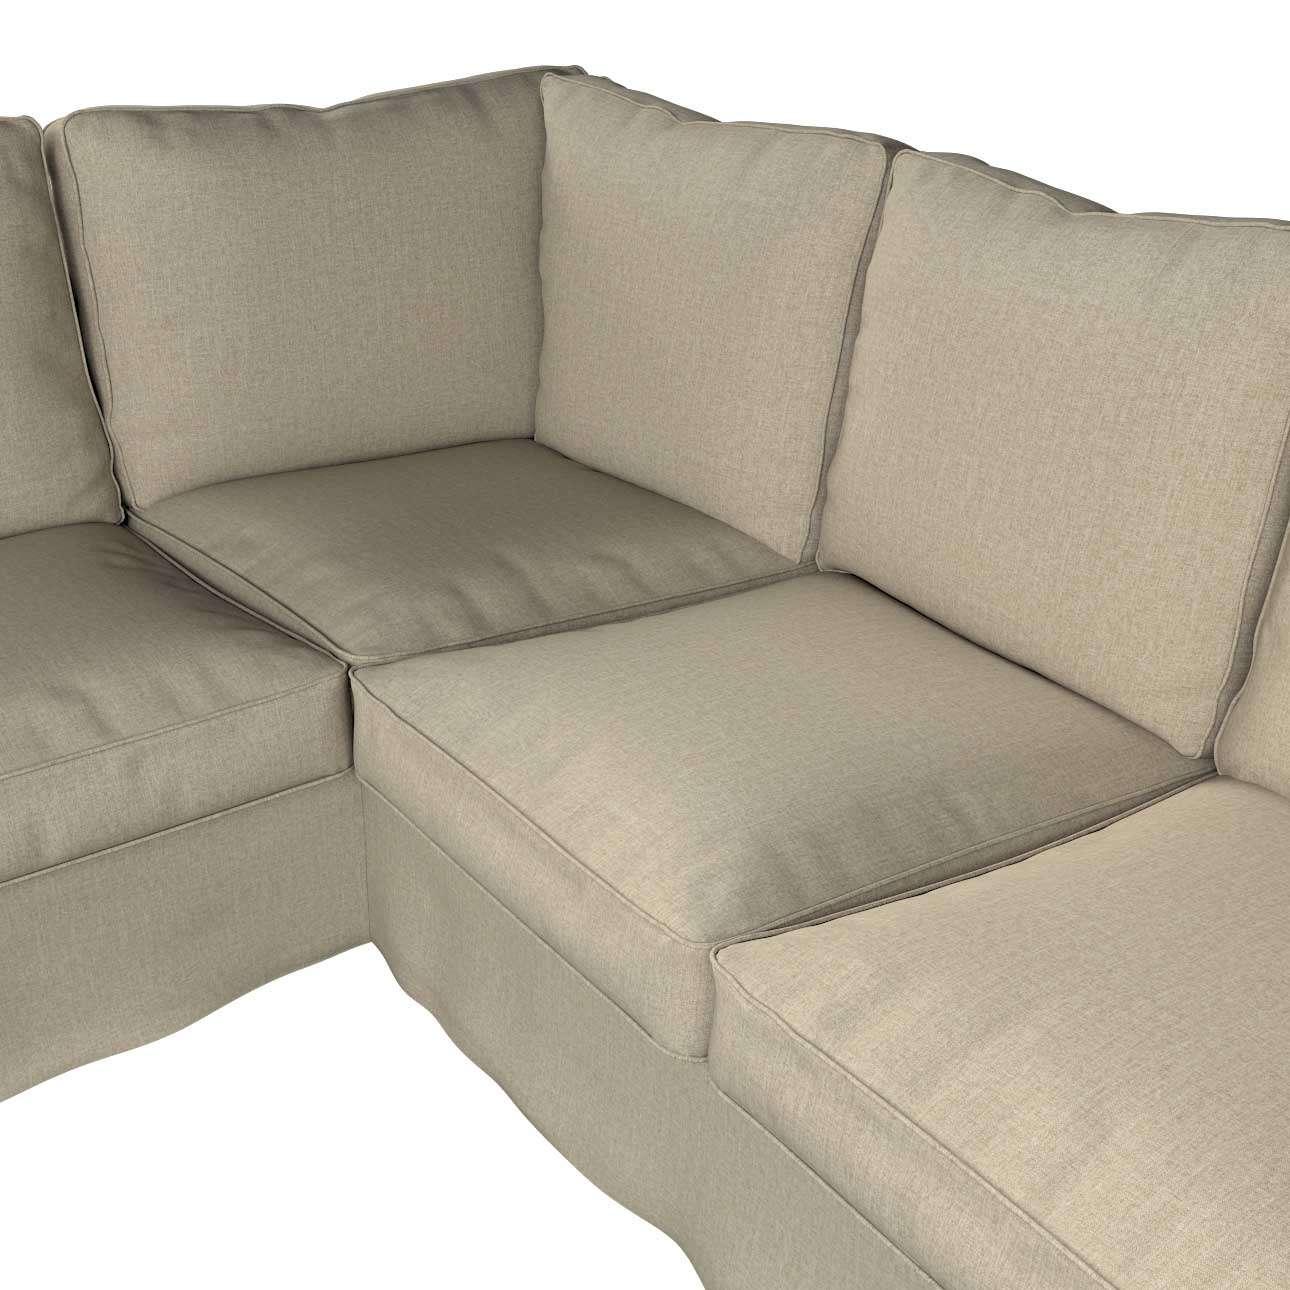 Pokrowiec na sofę narożną Ektorp w kolekcji City, tkanina: 704-80